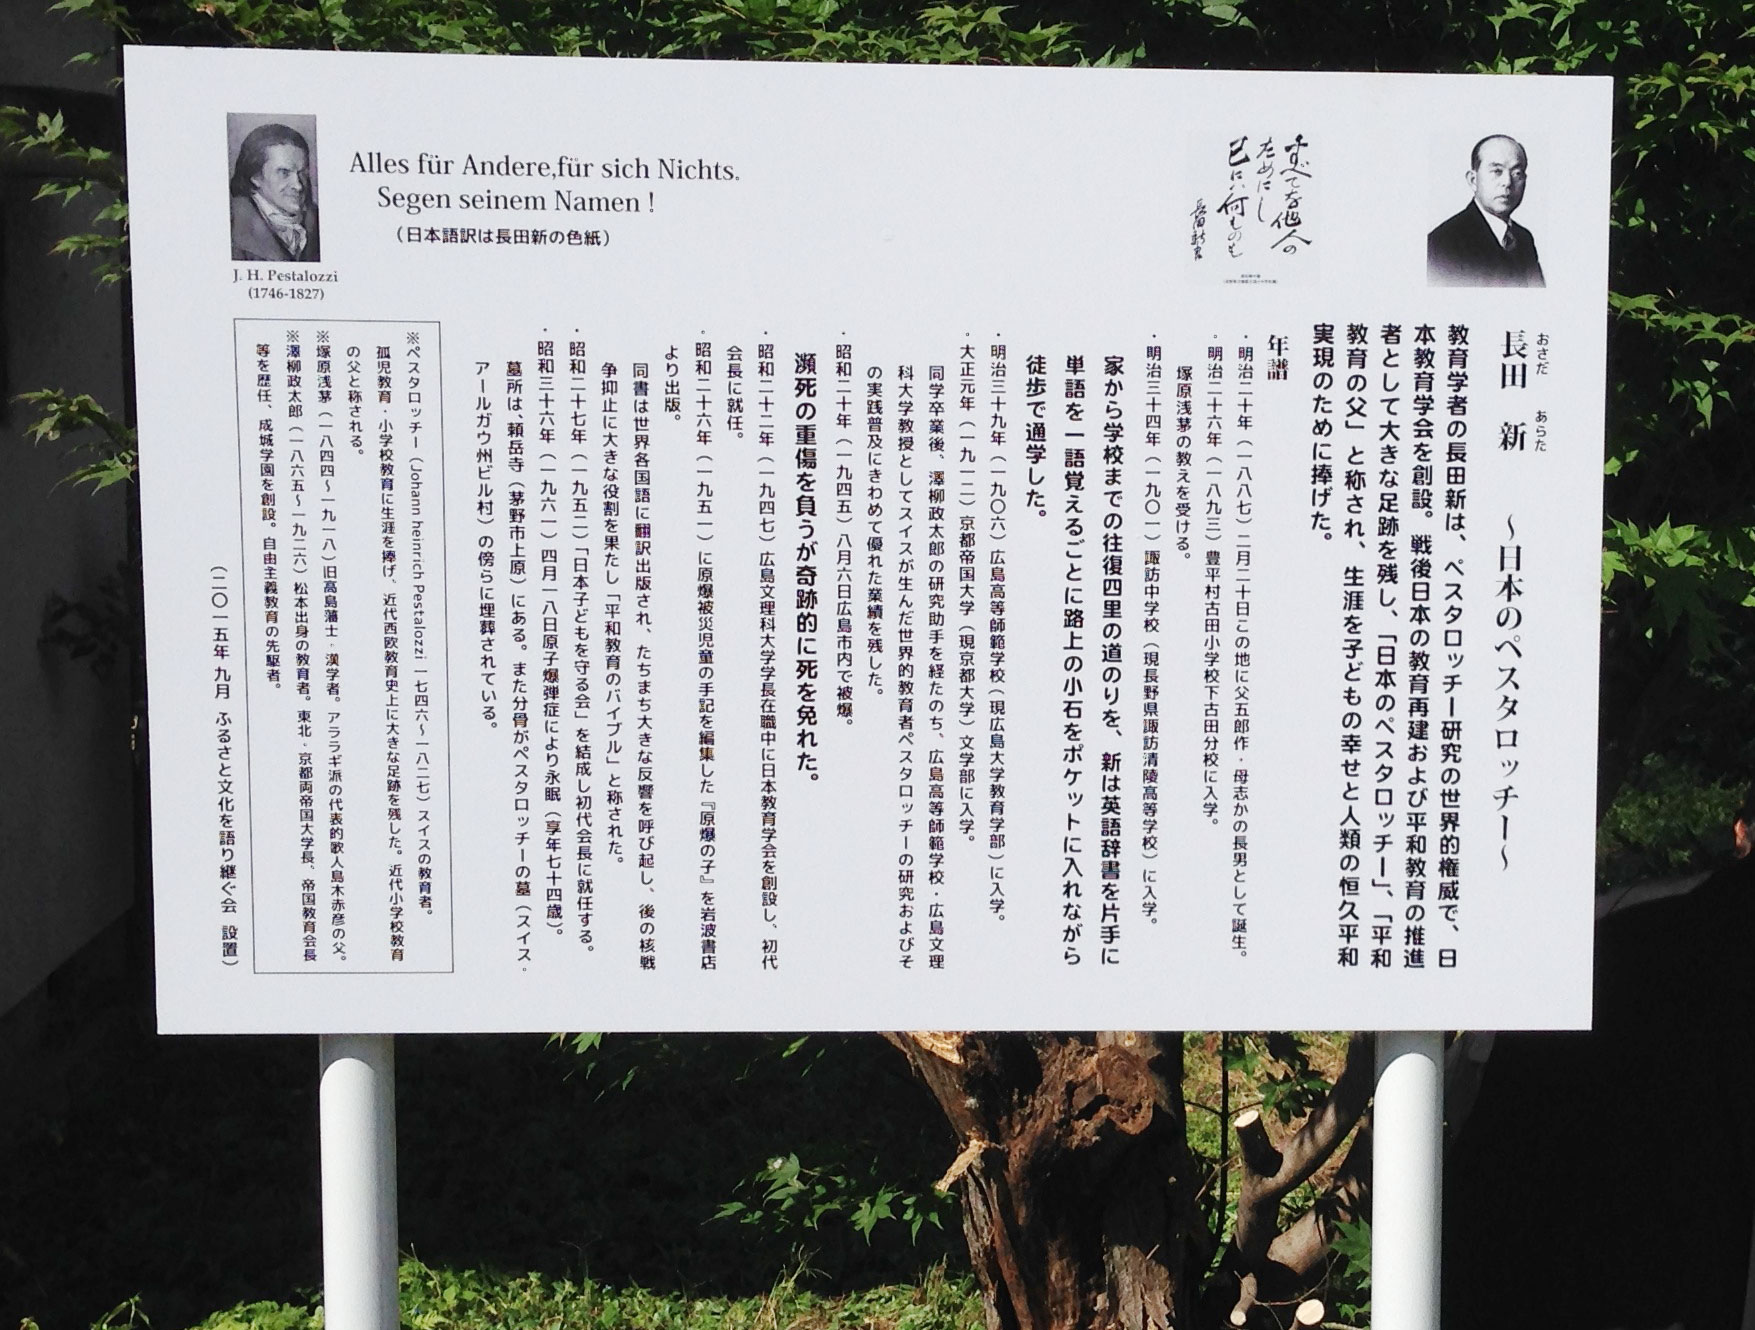 長田新記念公園のパネル完成しました。